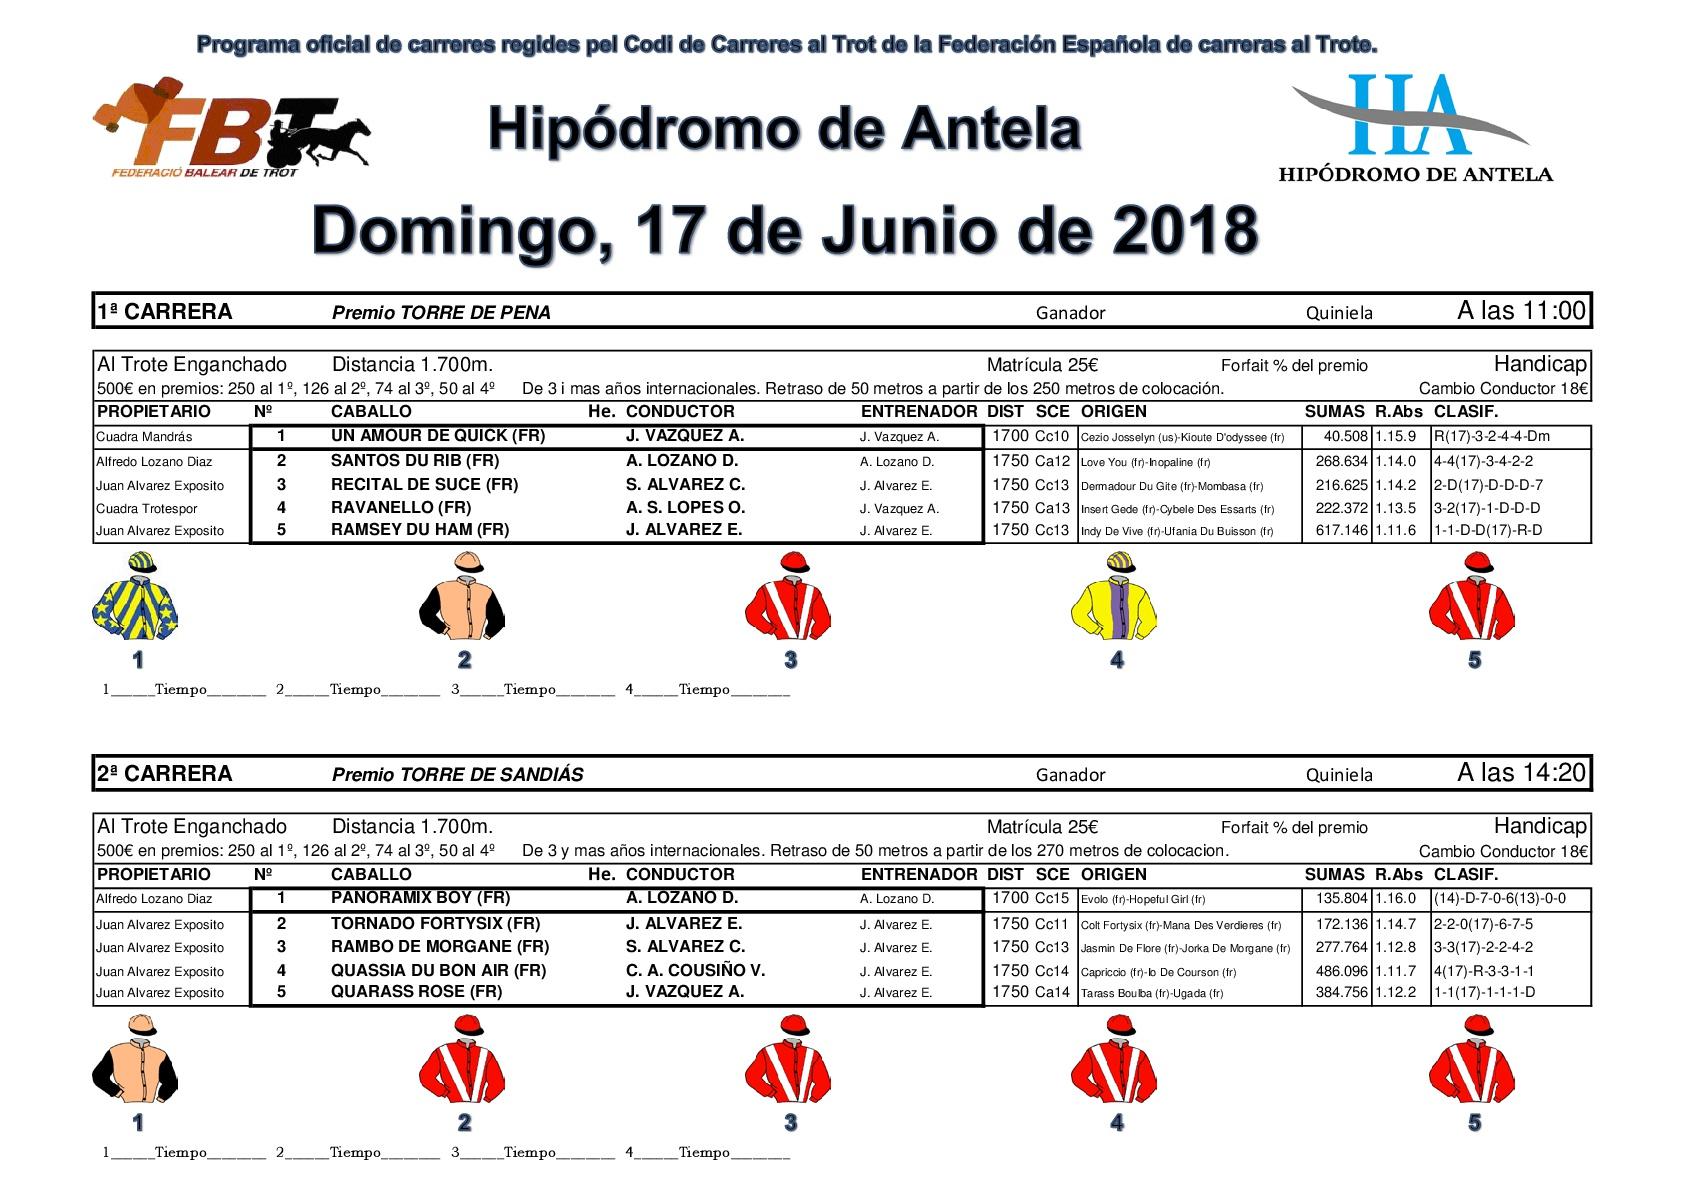 Carreras de trote enganchado, Premios Torre de Pena y Torre de Sandiás/ Hipódromo de Antela